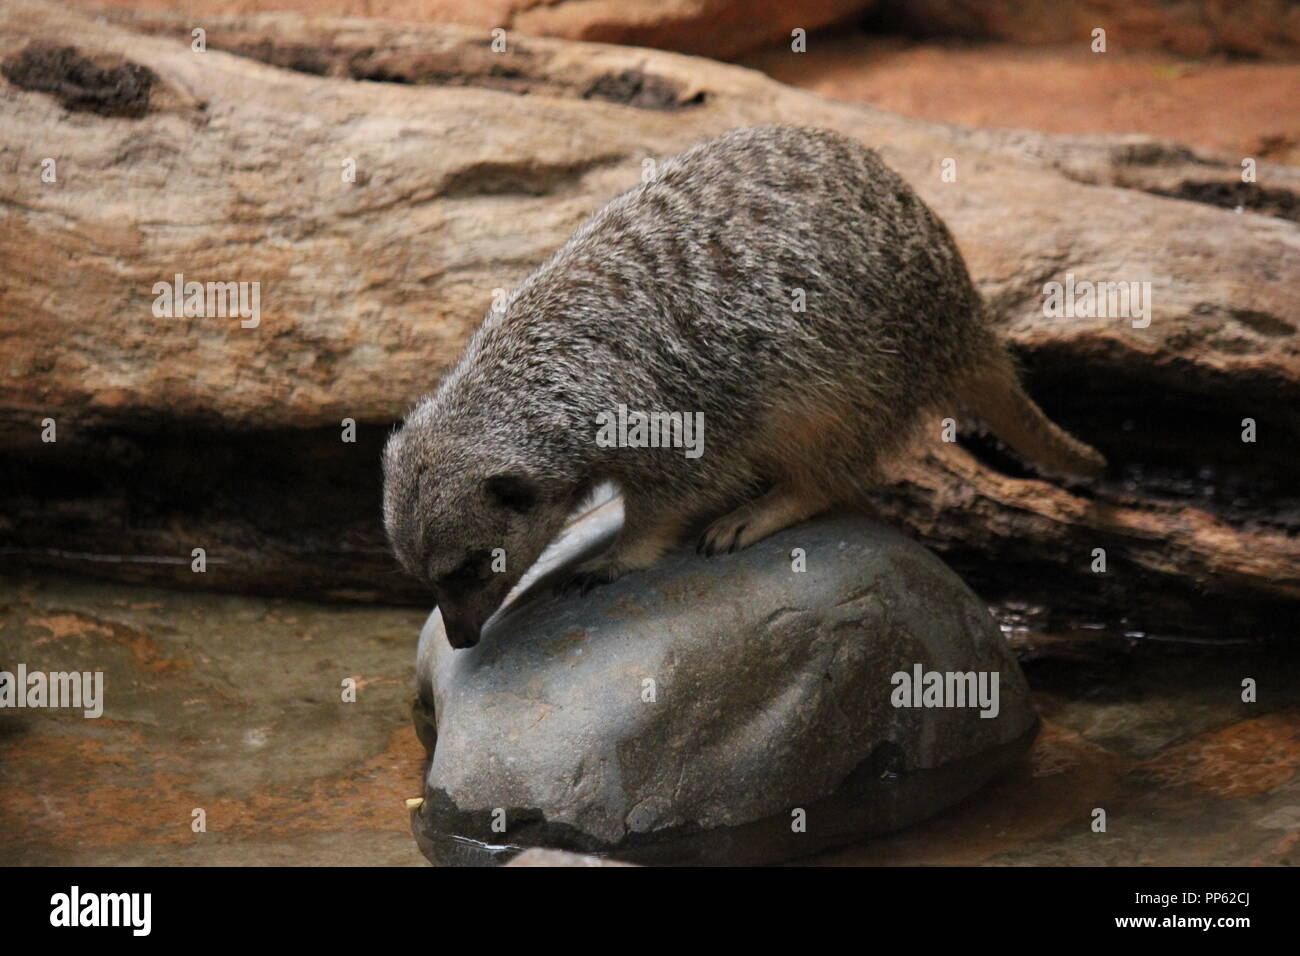 Le Zoo de Lincoln Park's Meerkat, Lynx lynx, S. suricatta , jouer autour de l'eau et assis sur un rocher à Chicago, Illinois. Photo Stock